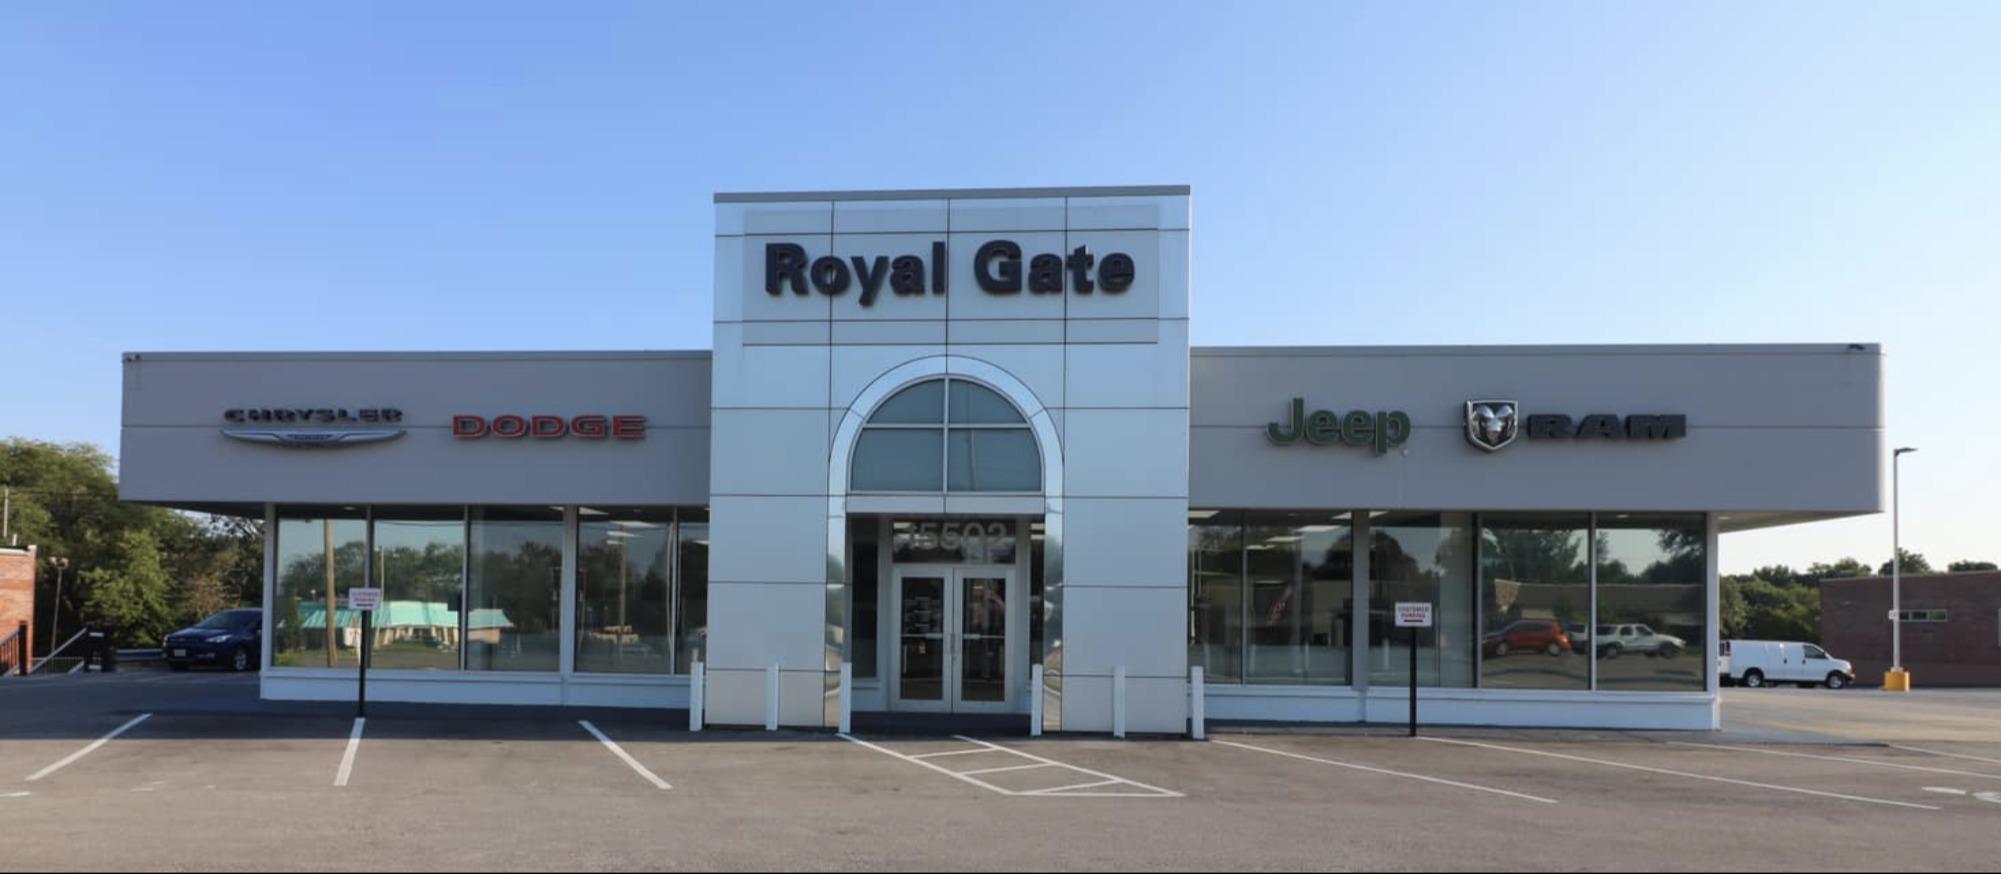 Royal Gate Dodge >> Bank Mandated Inventory Liquidation Sale Of Royal Gate Dodge